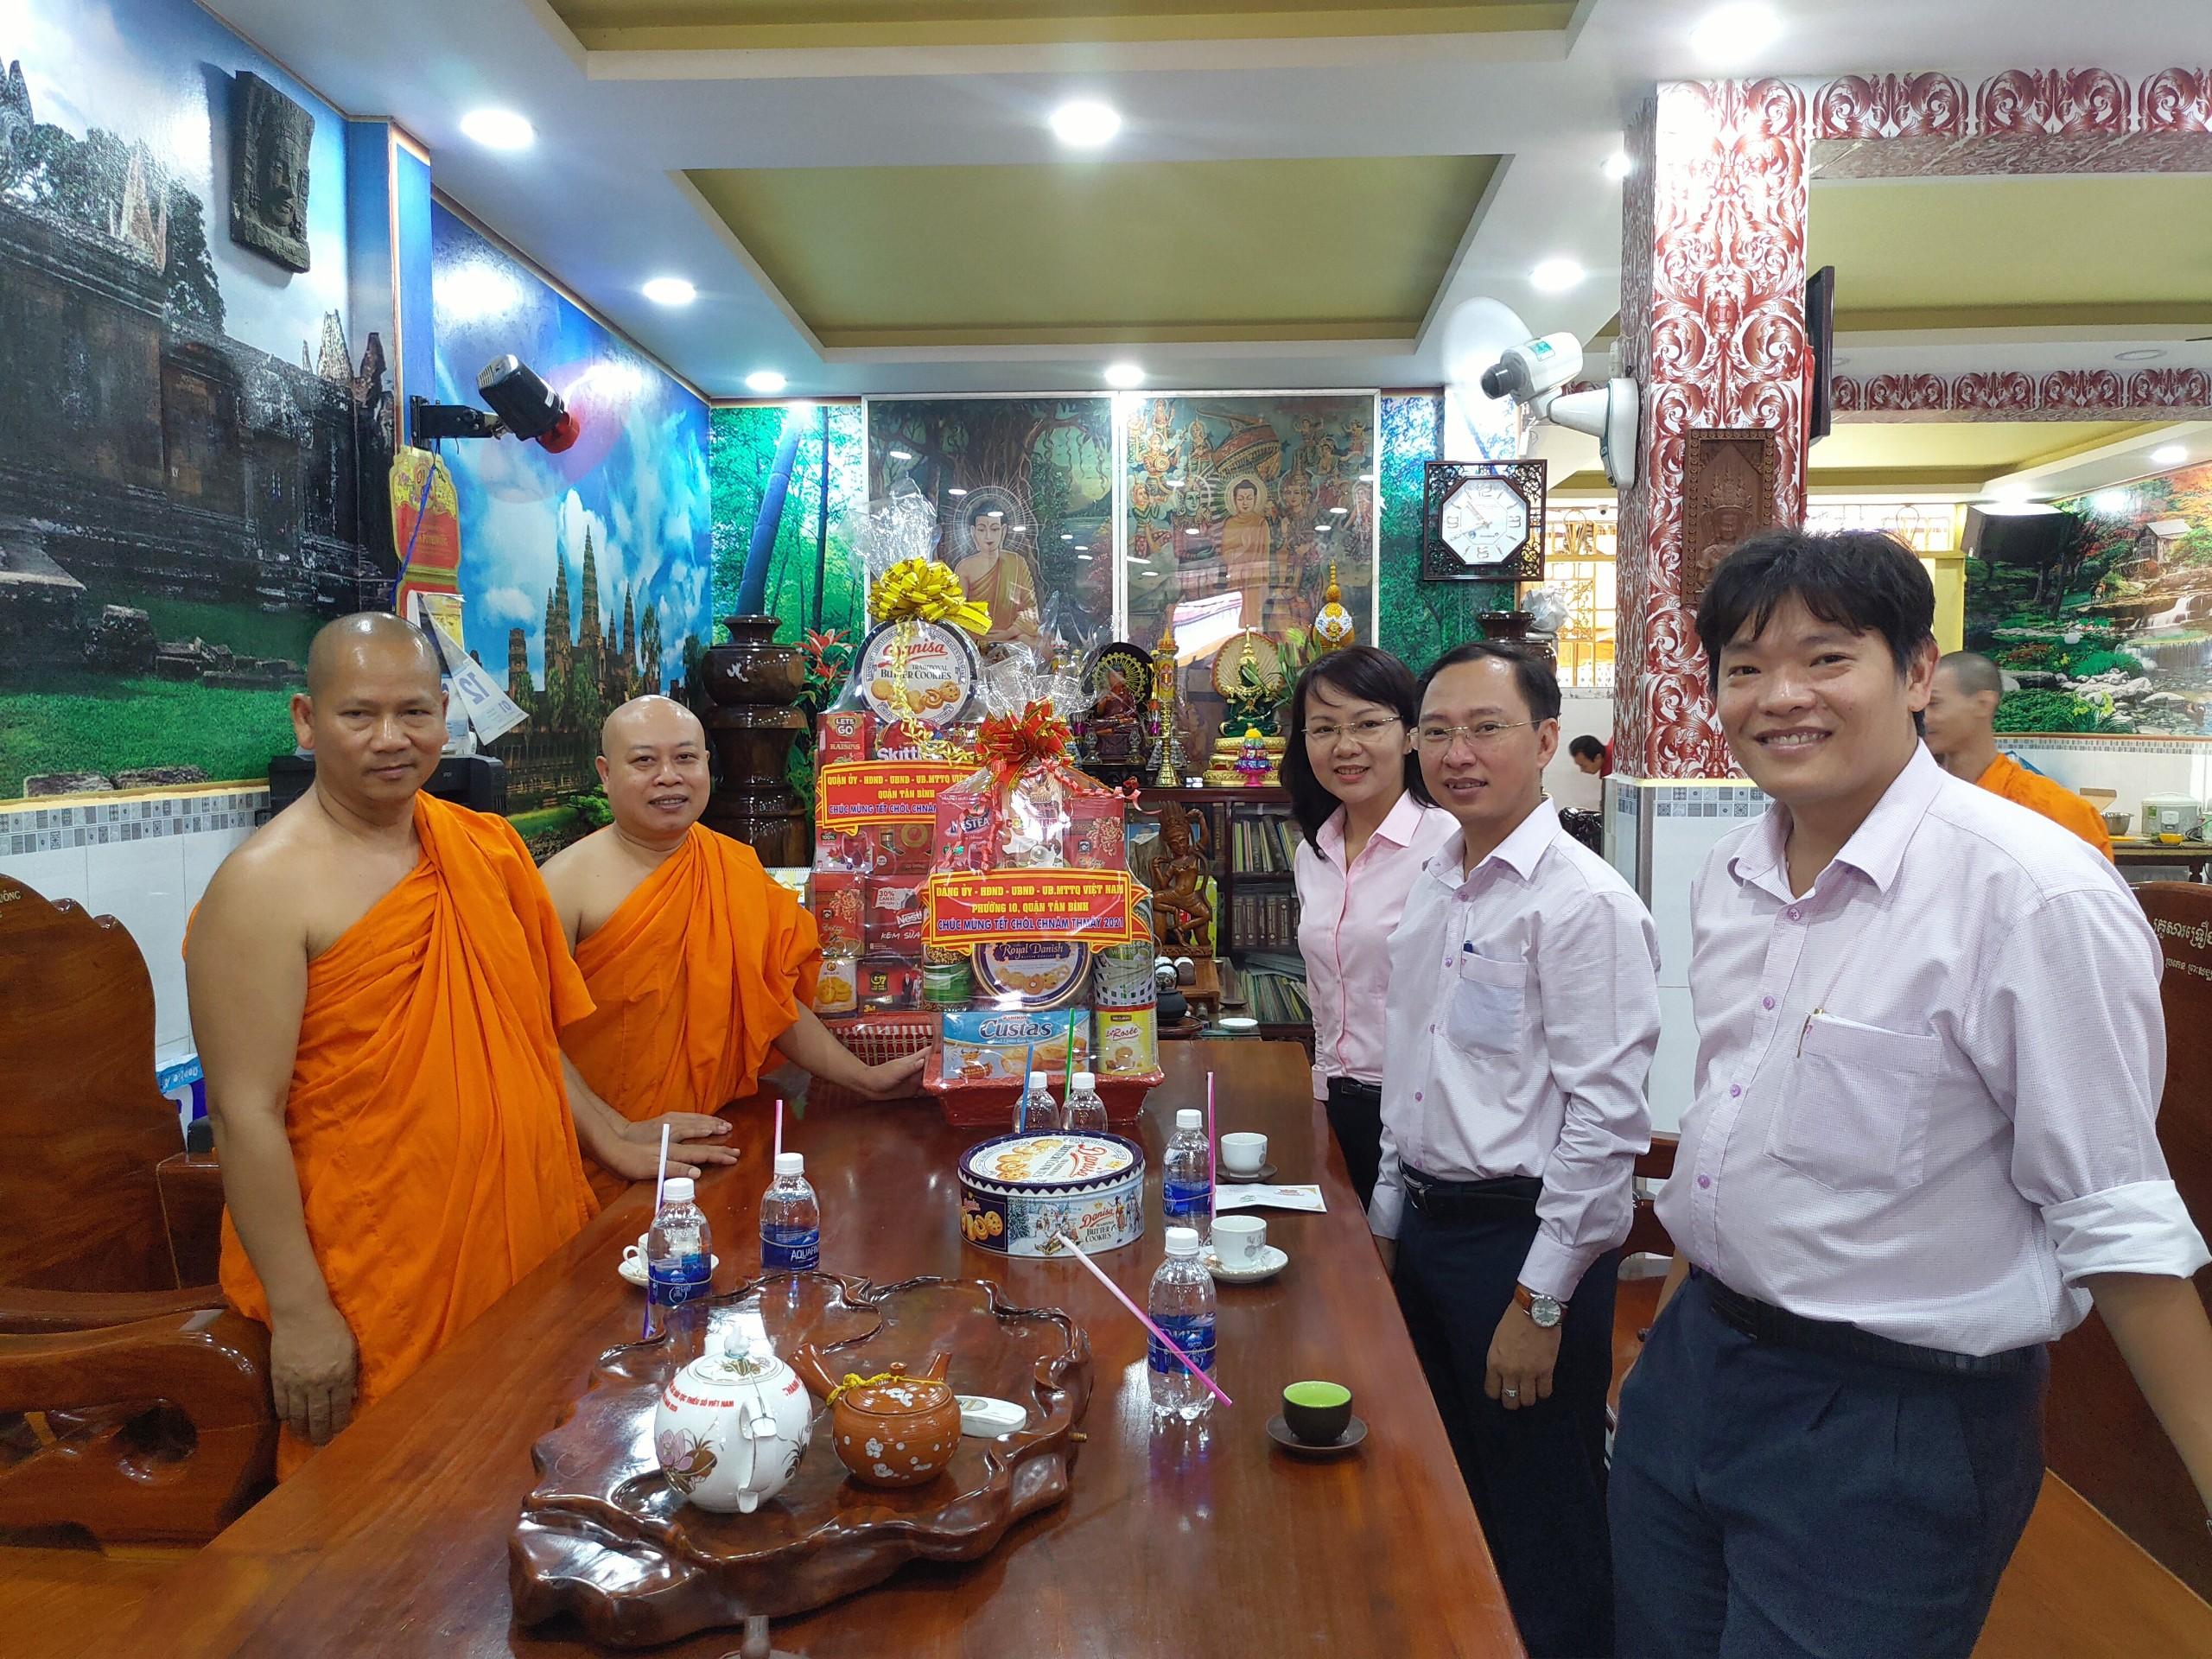 Lãnh đạo Phường 10 quận Tân Bình thăm, tặng quà chúc mừng Tết cổ truyền Chôl Chnăm Thmây của đồng bào Khmer tại chùa Pothiwong